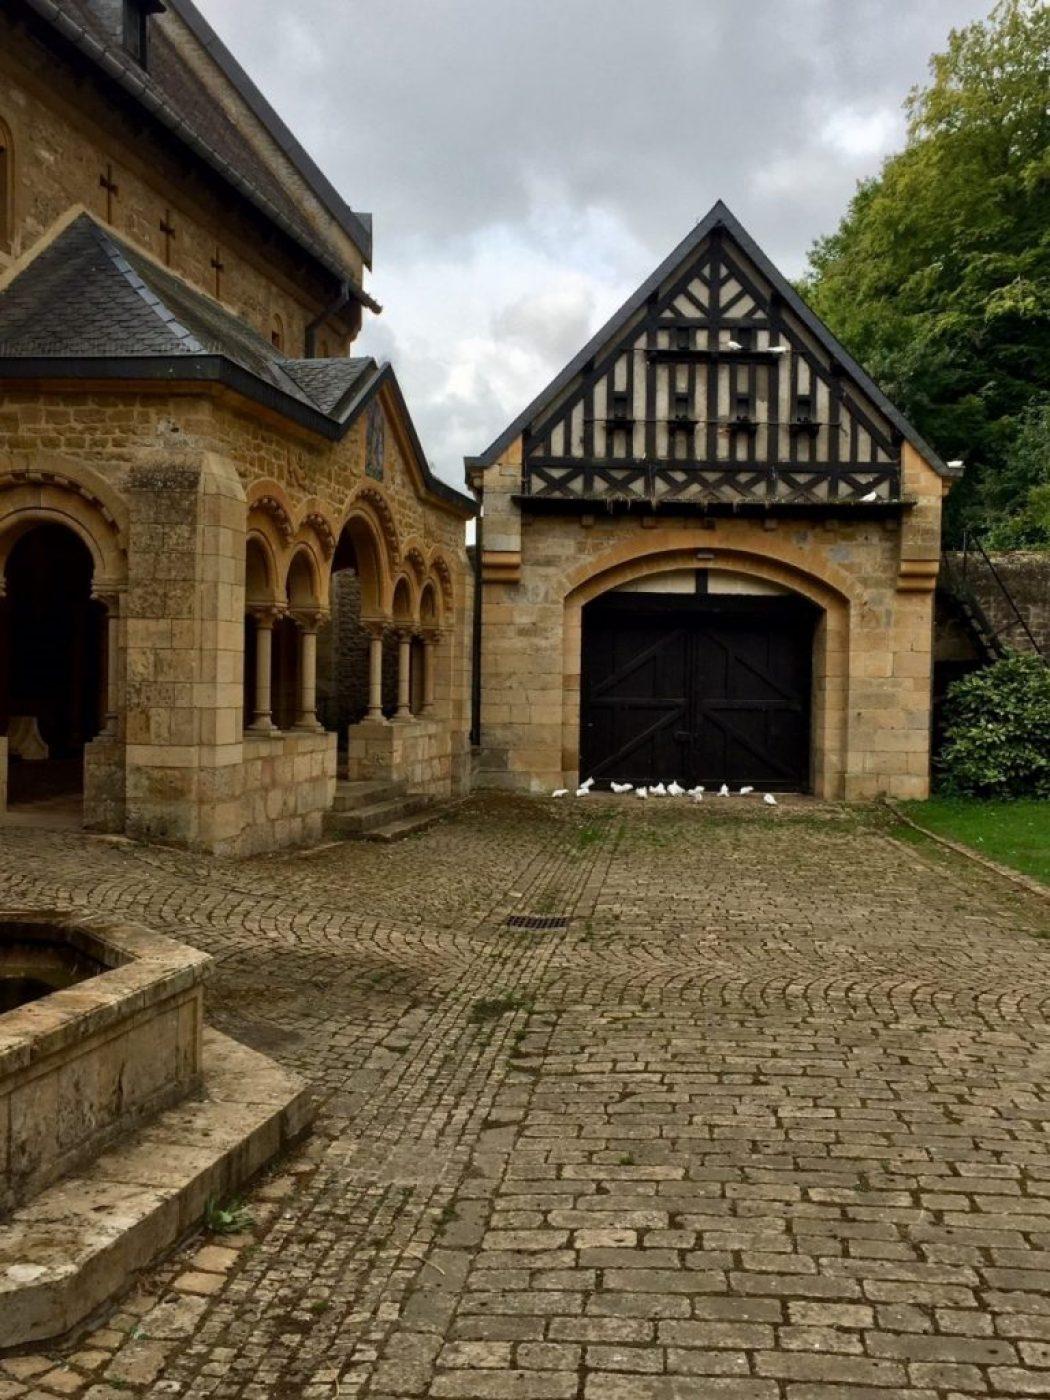 Kloster orval mit firedstauben